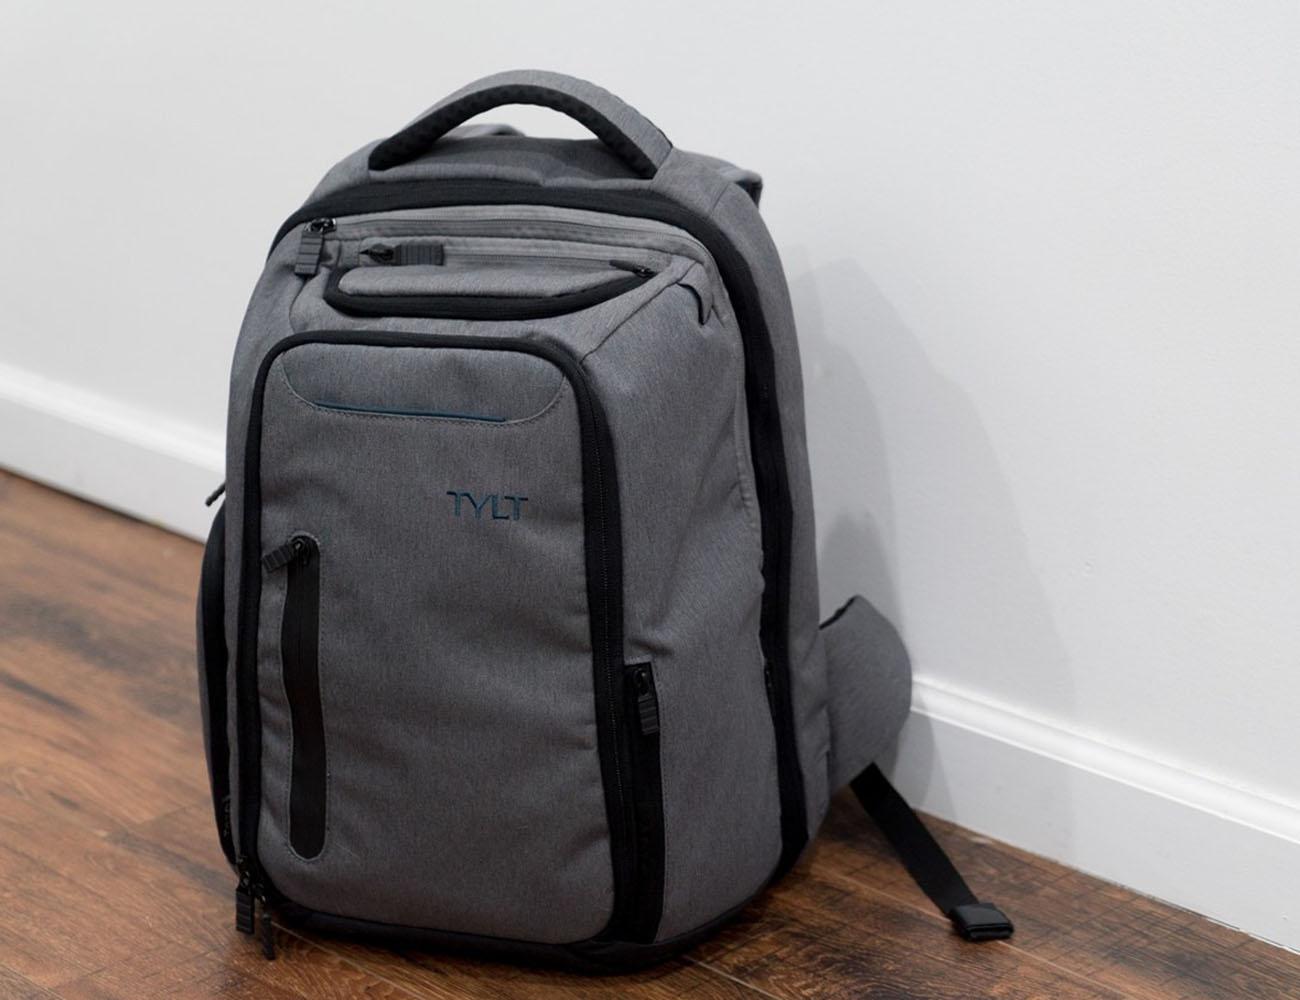 Tylt+Energi+Backpack+%2B+Battery